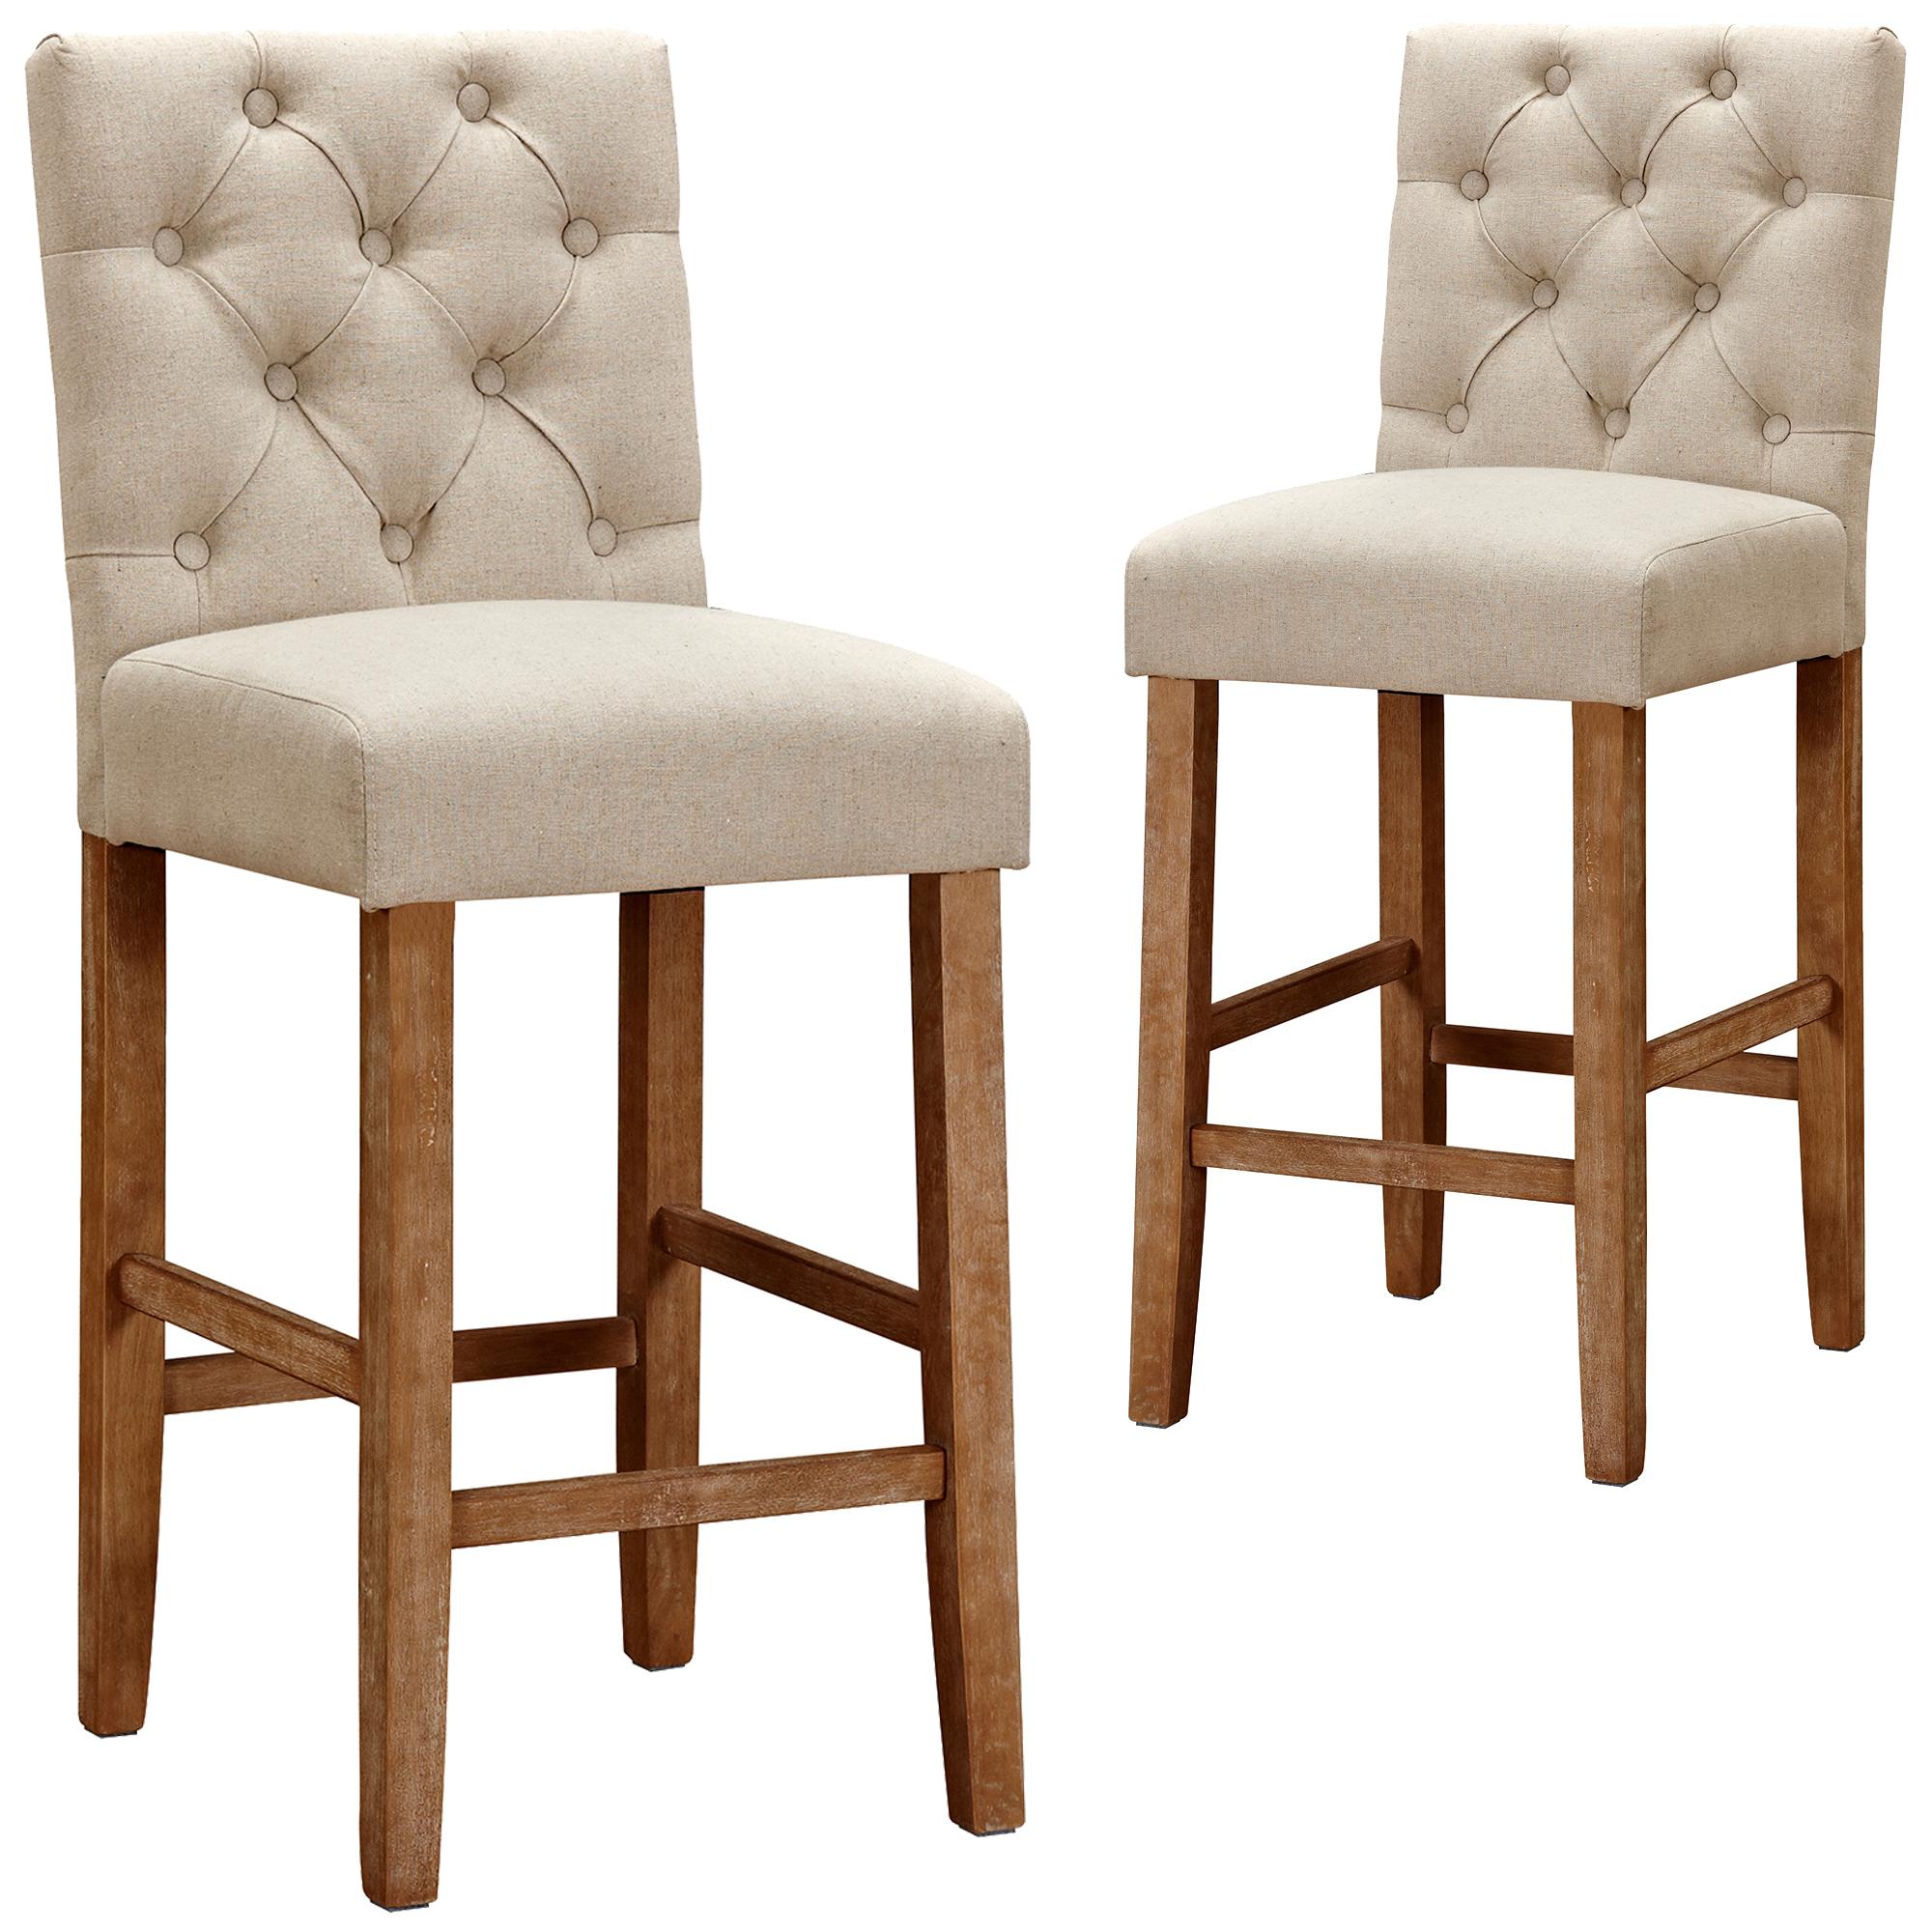 9cm Windsor Provincial Linen Barstools Set of 9